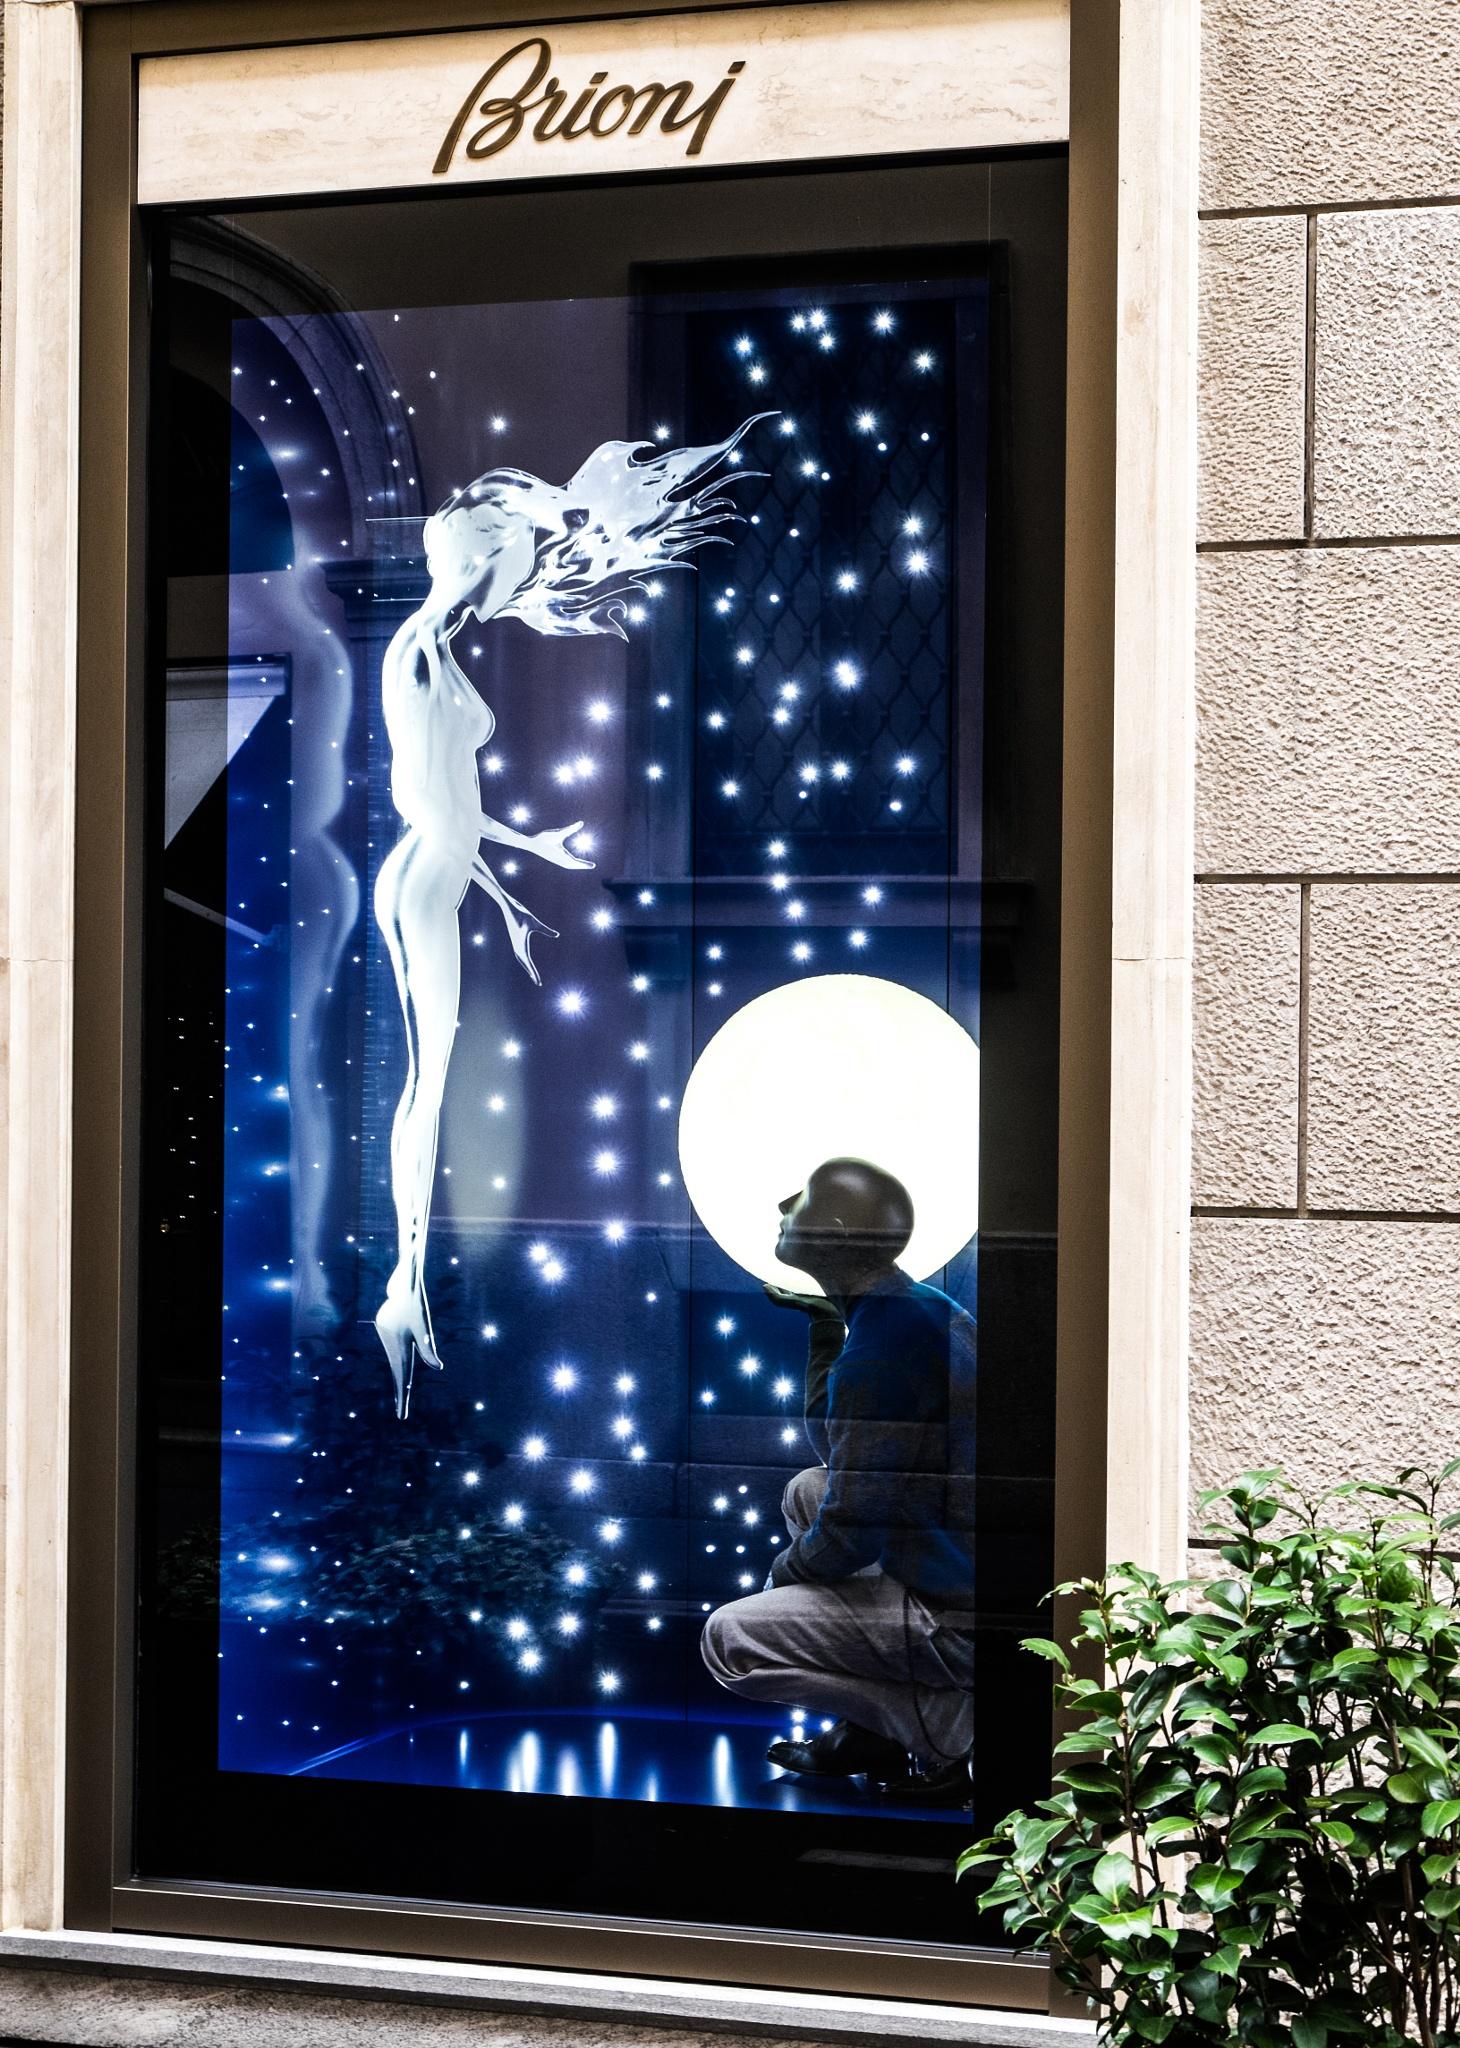 milan shop window by hutchst